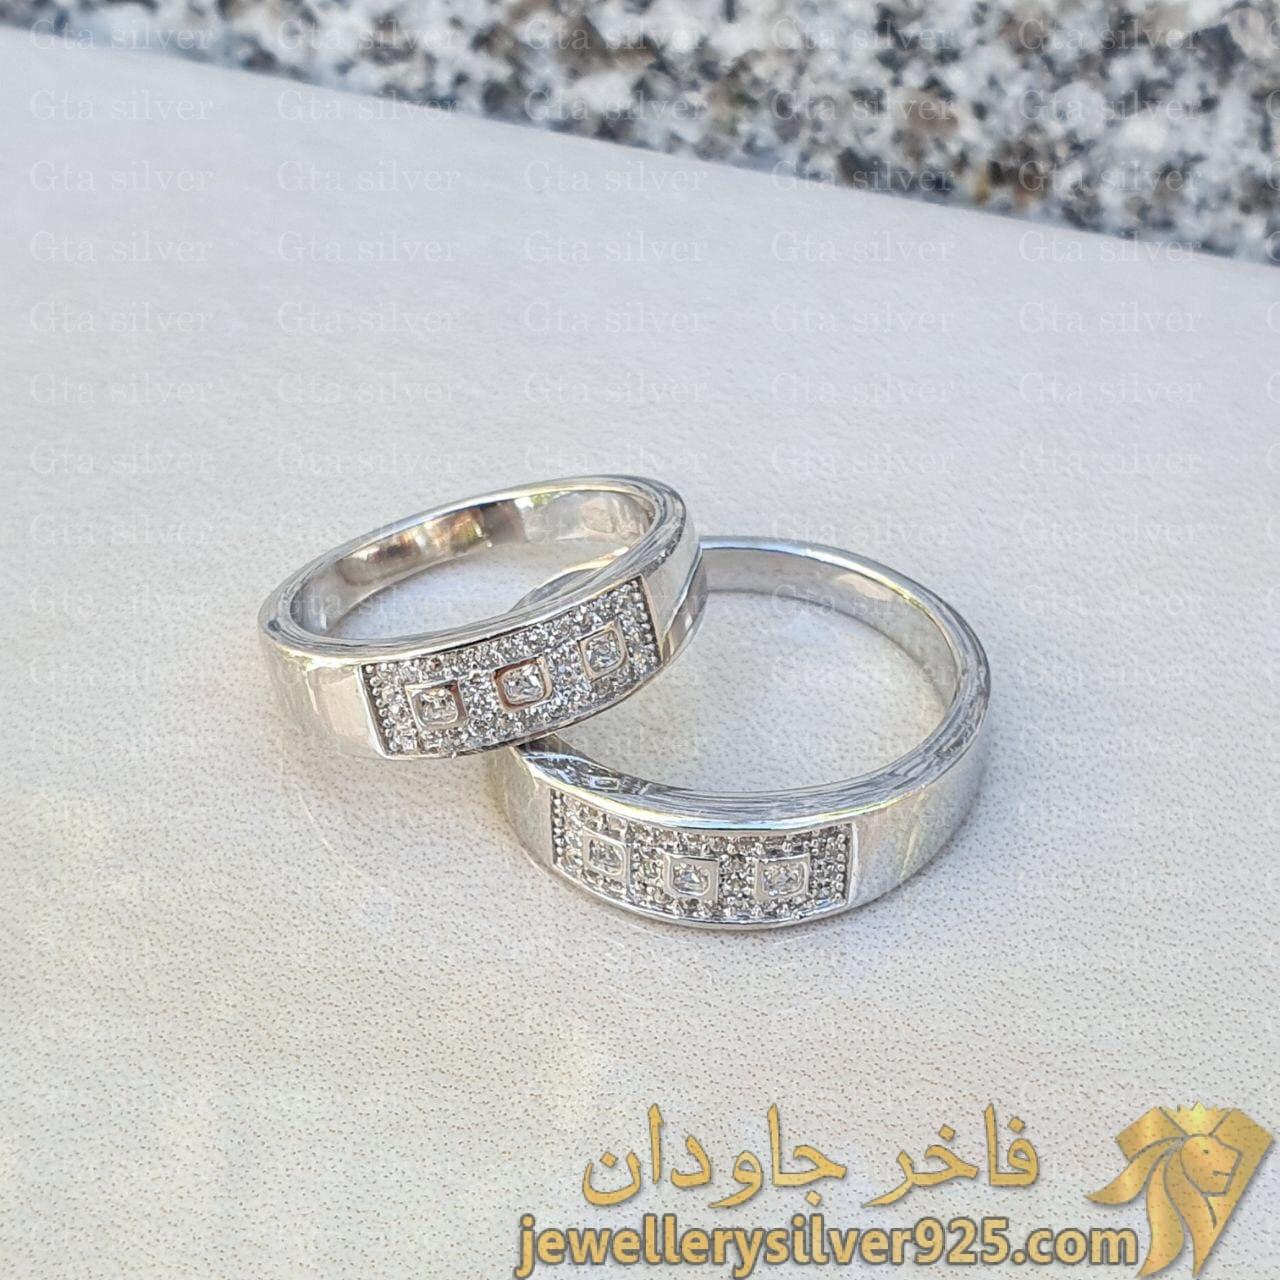 ست حلقه ازدواج وزن 8.5 گرم مدل 1